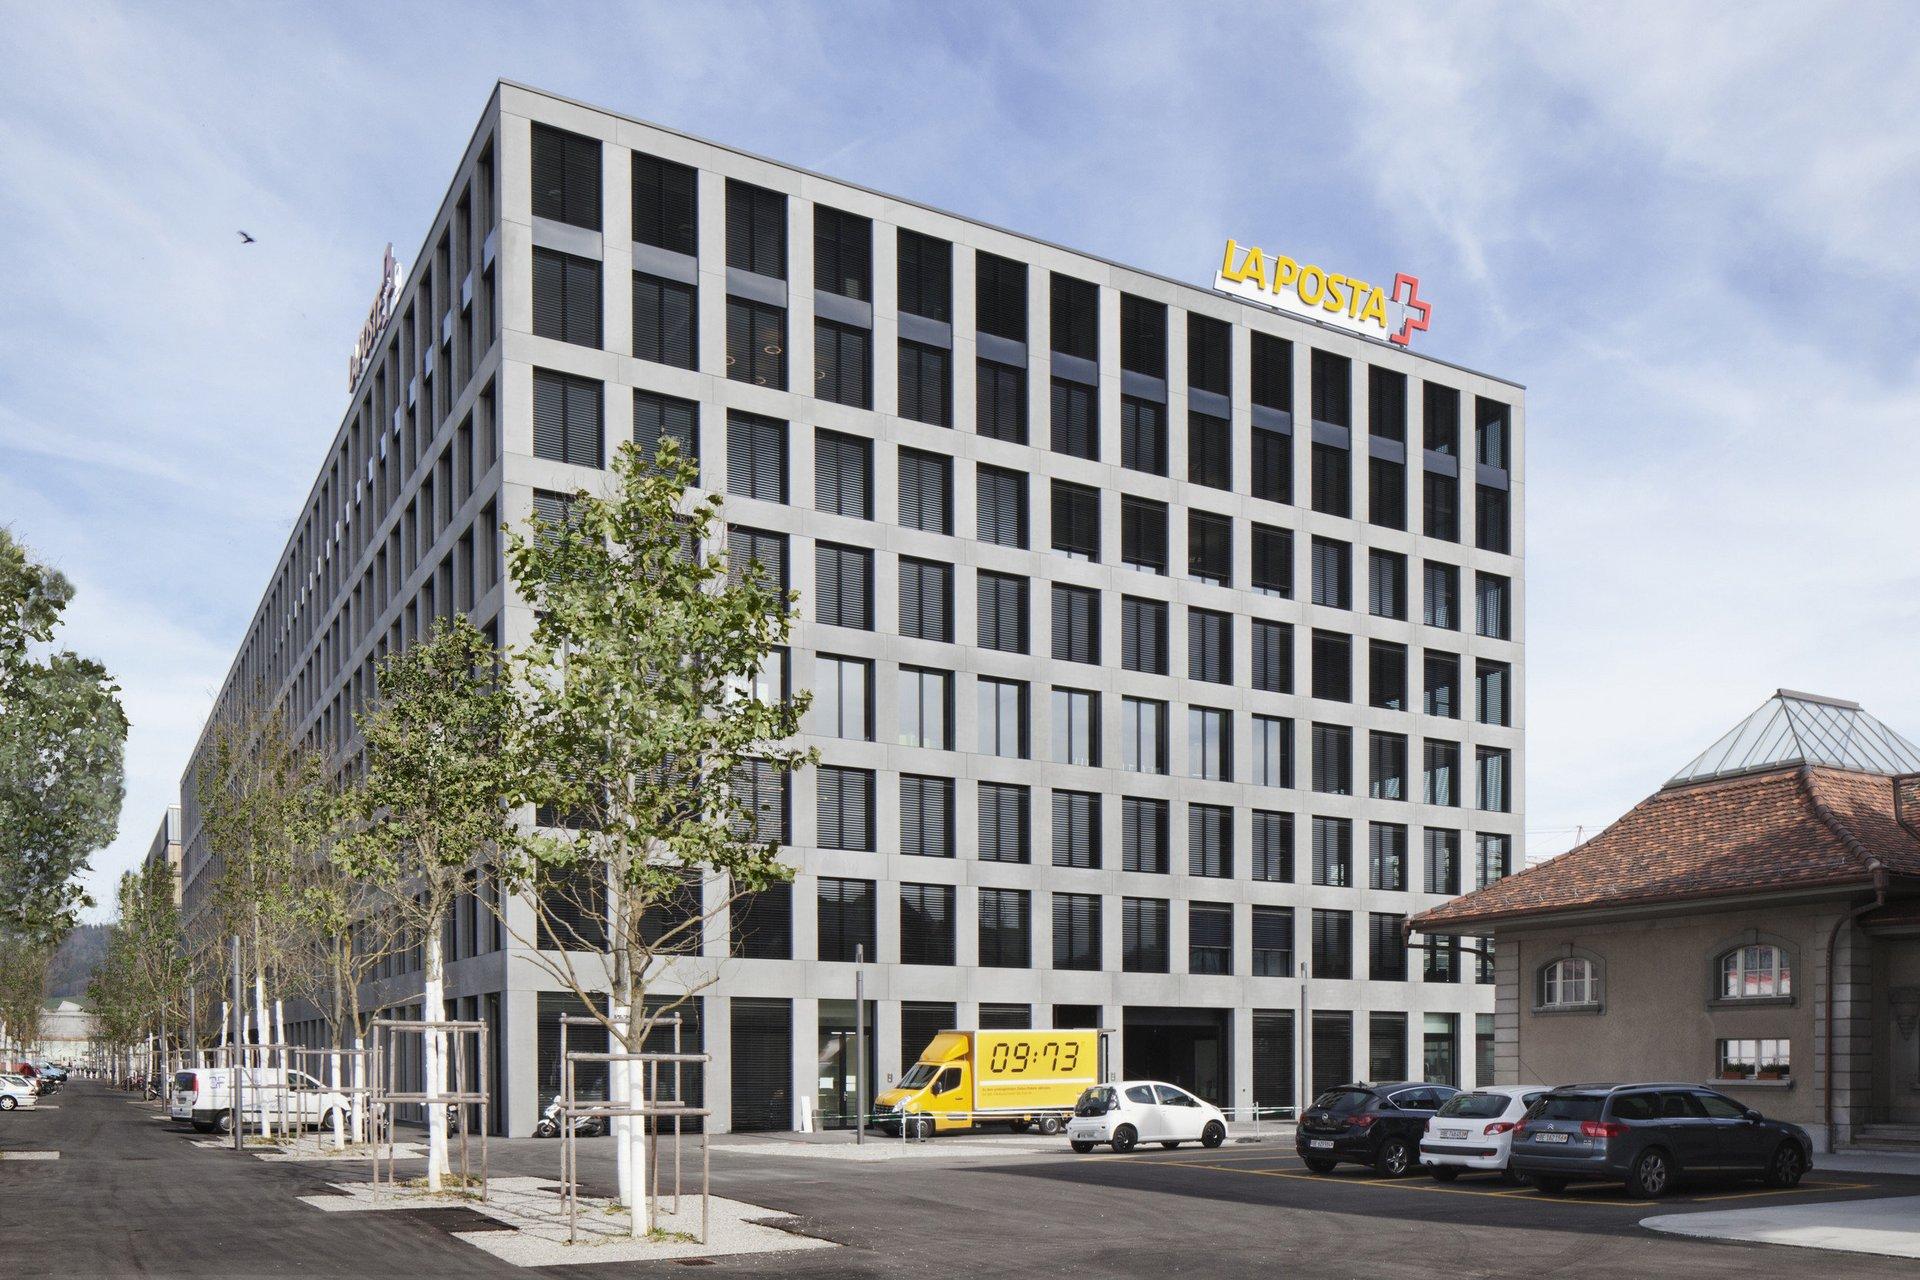 Bürogebäude mit Holz-Metallfensterelementen mit 95mm starkem Rahmen